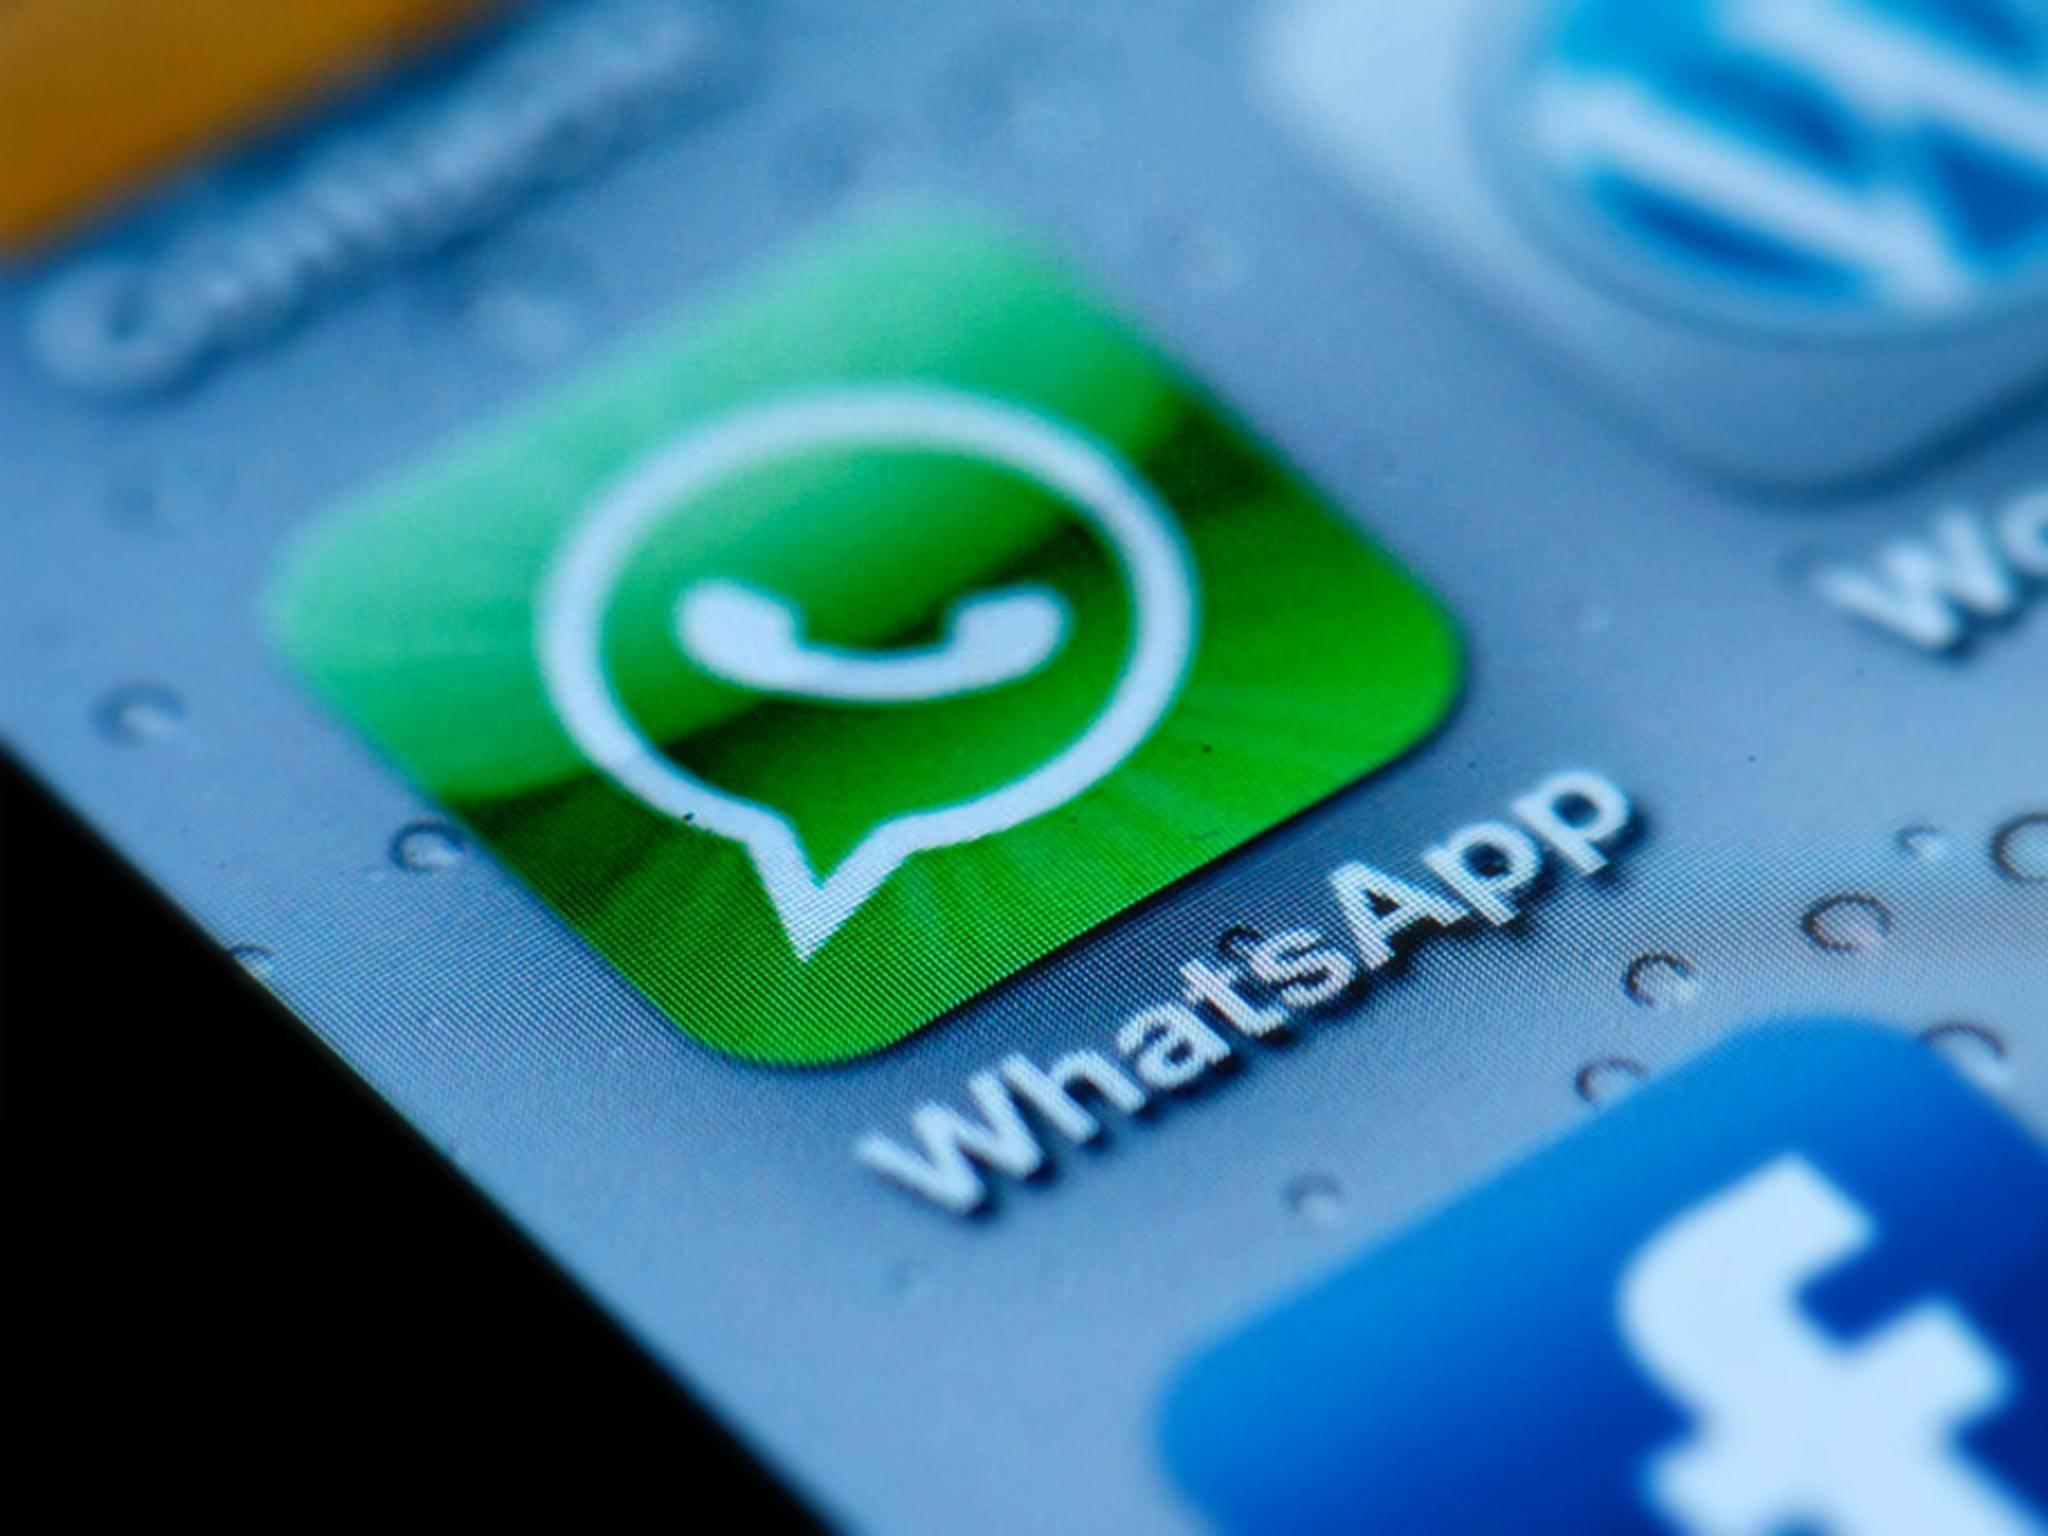 WhatsApp hat mittlerweile unglaubliche 900 Millionen aktive Nutzer.